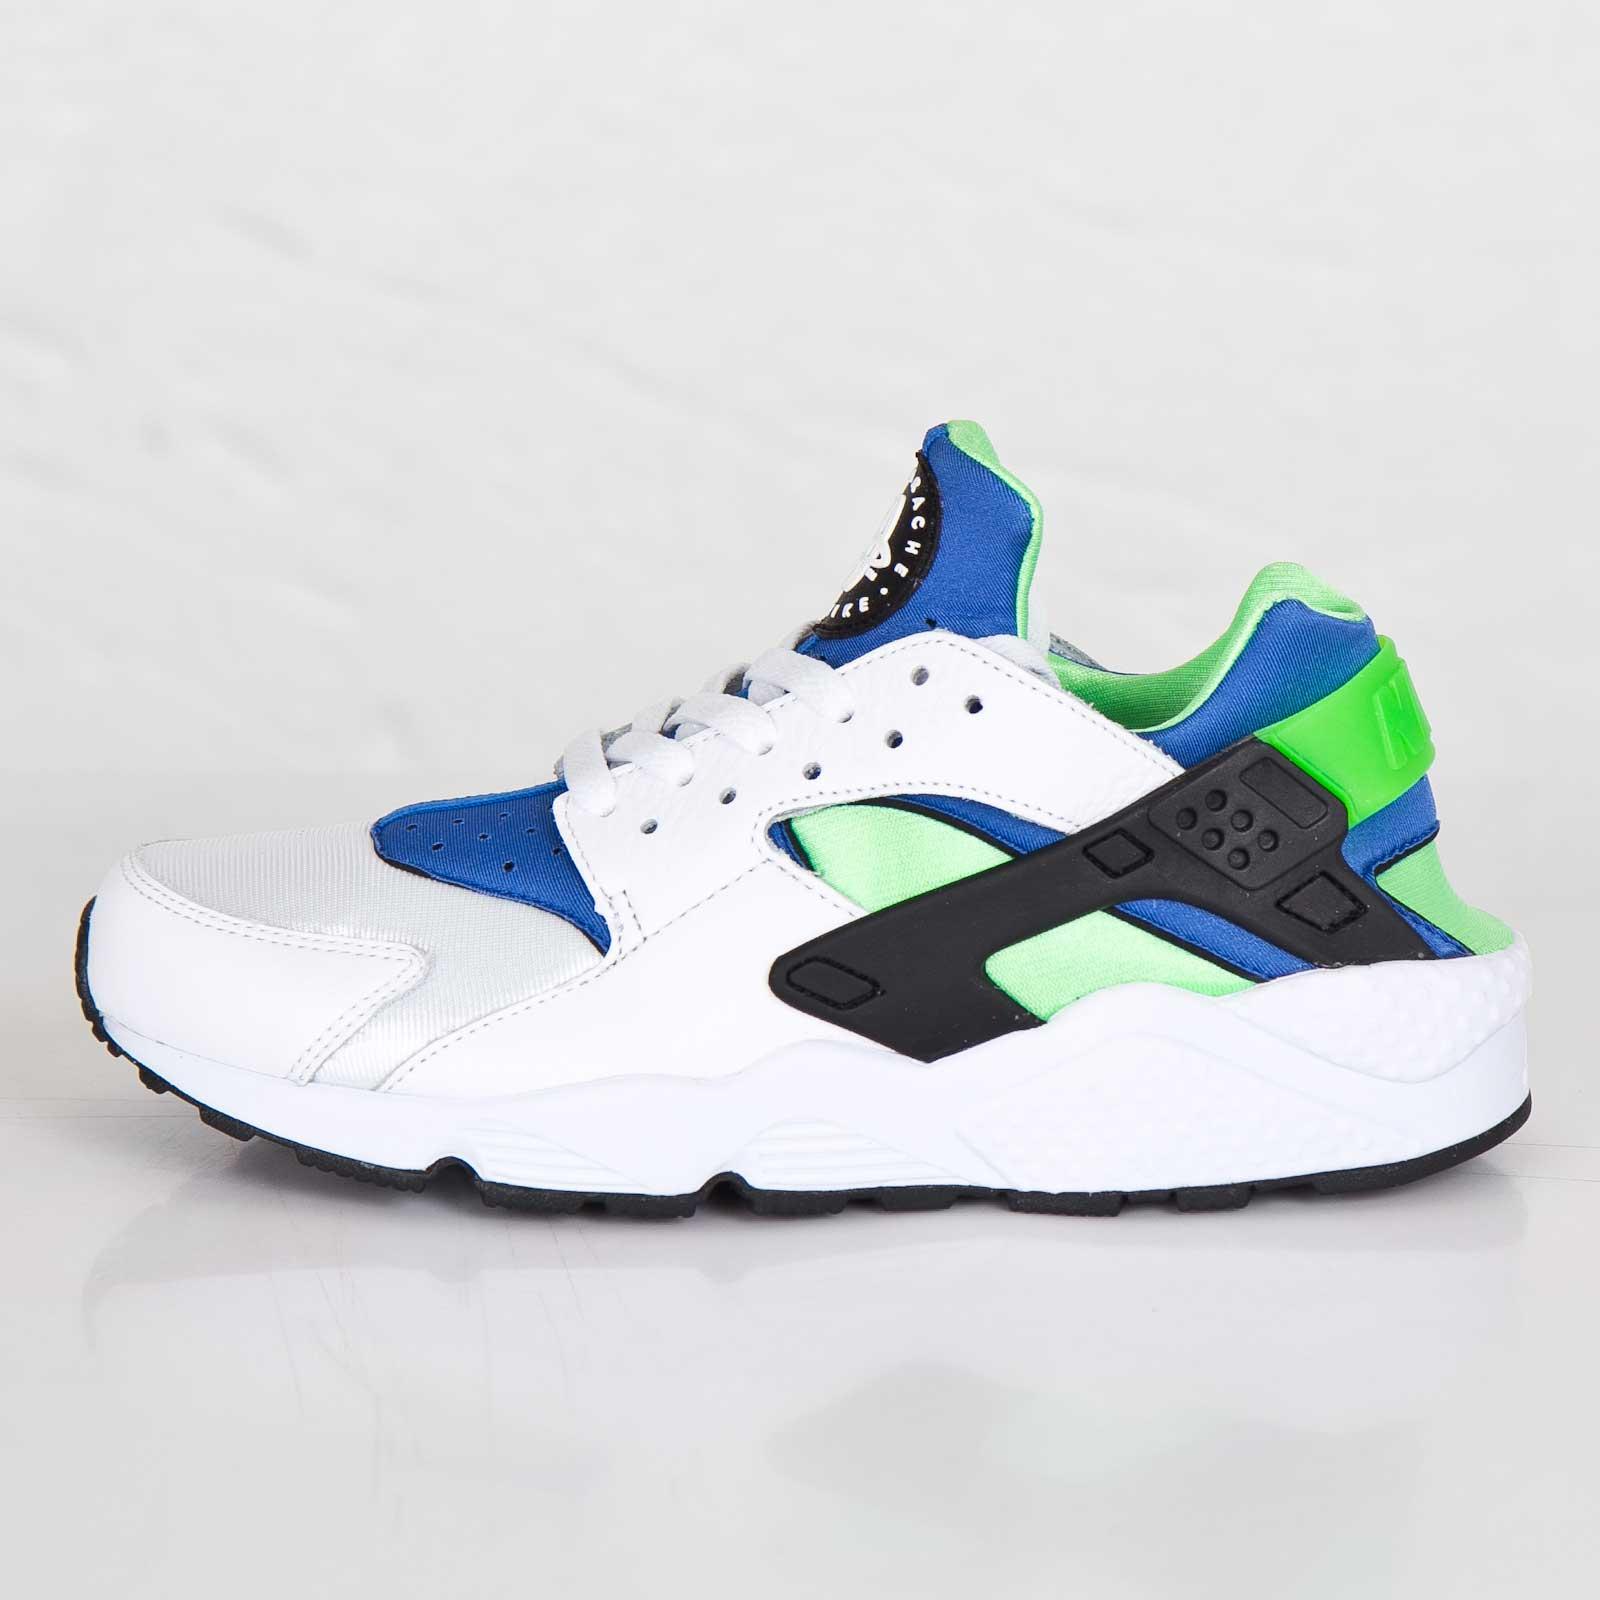 huge discount be6b9 12204 ... Nike Air Huarache ...